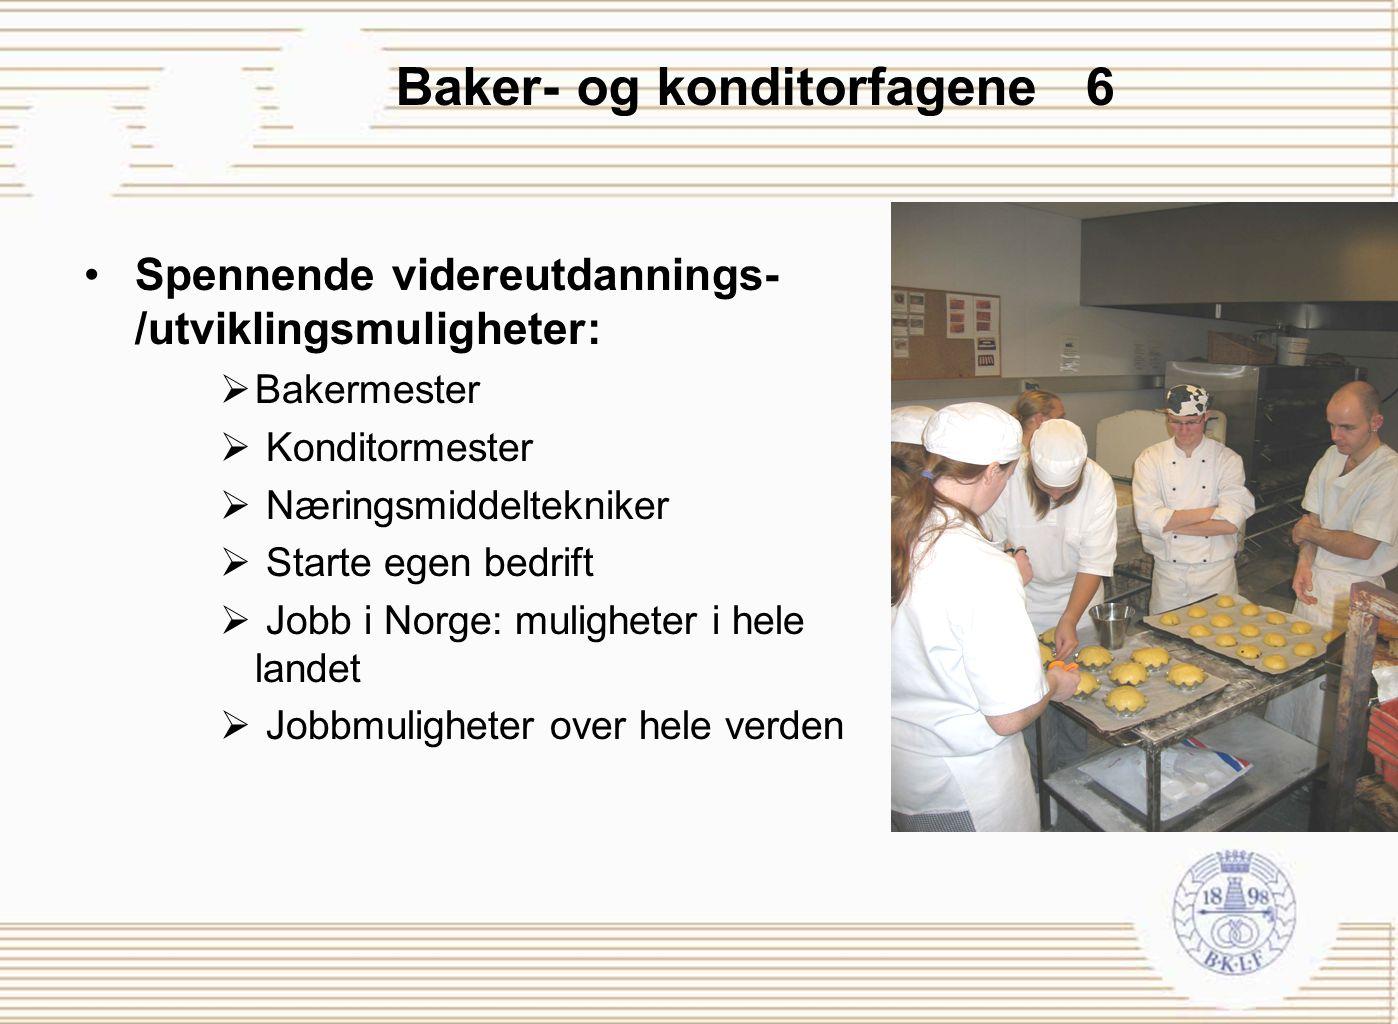 Baker- og konditorfagene 6 Spennende videreutdannings- /utviklingsmuligheter:  Bakermester  Konditormester  Næringsmiddeltekniker  Starte egen bed